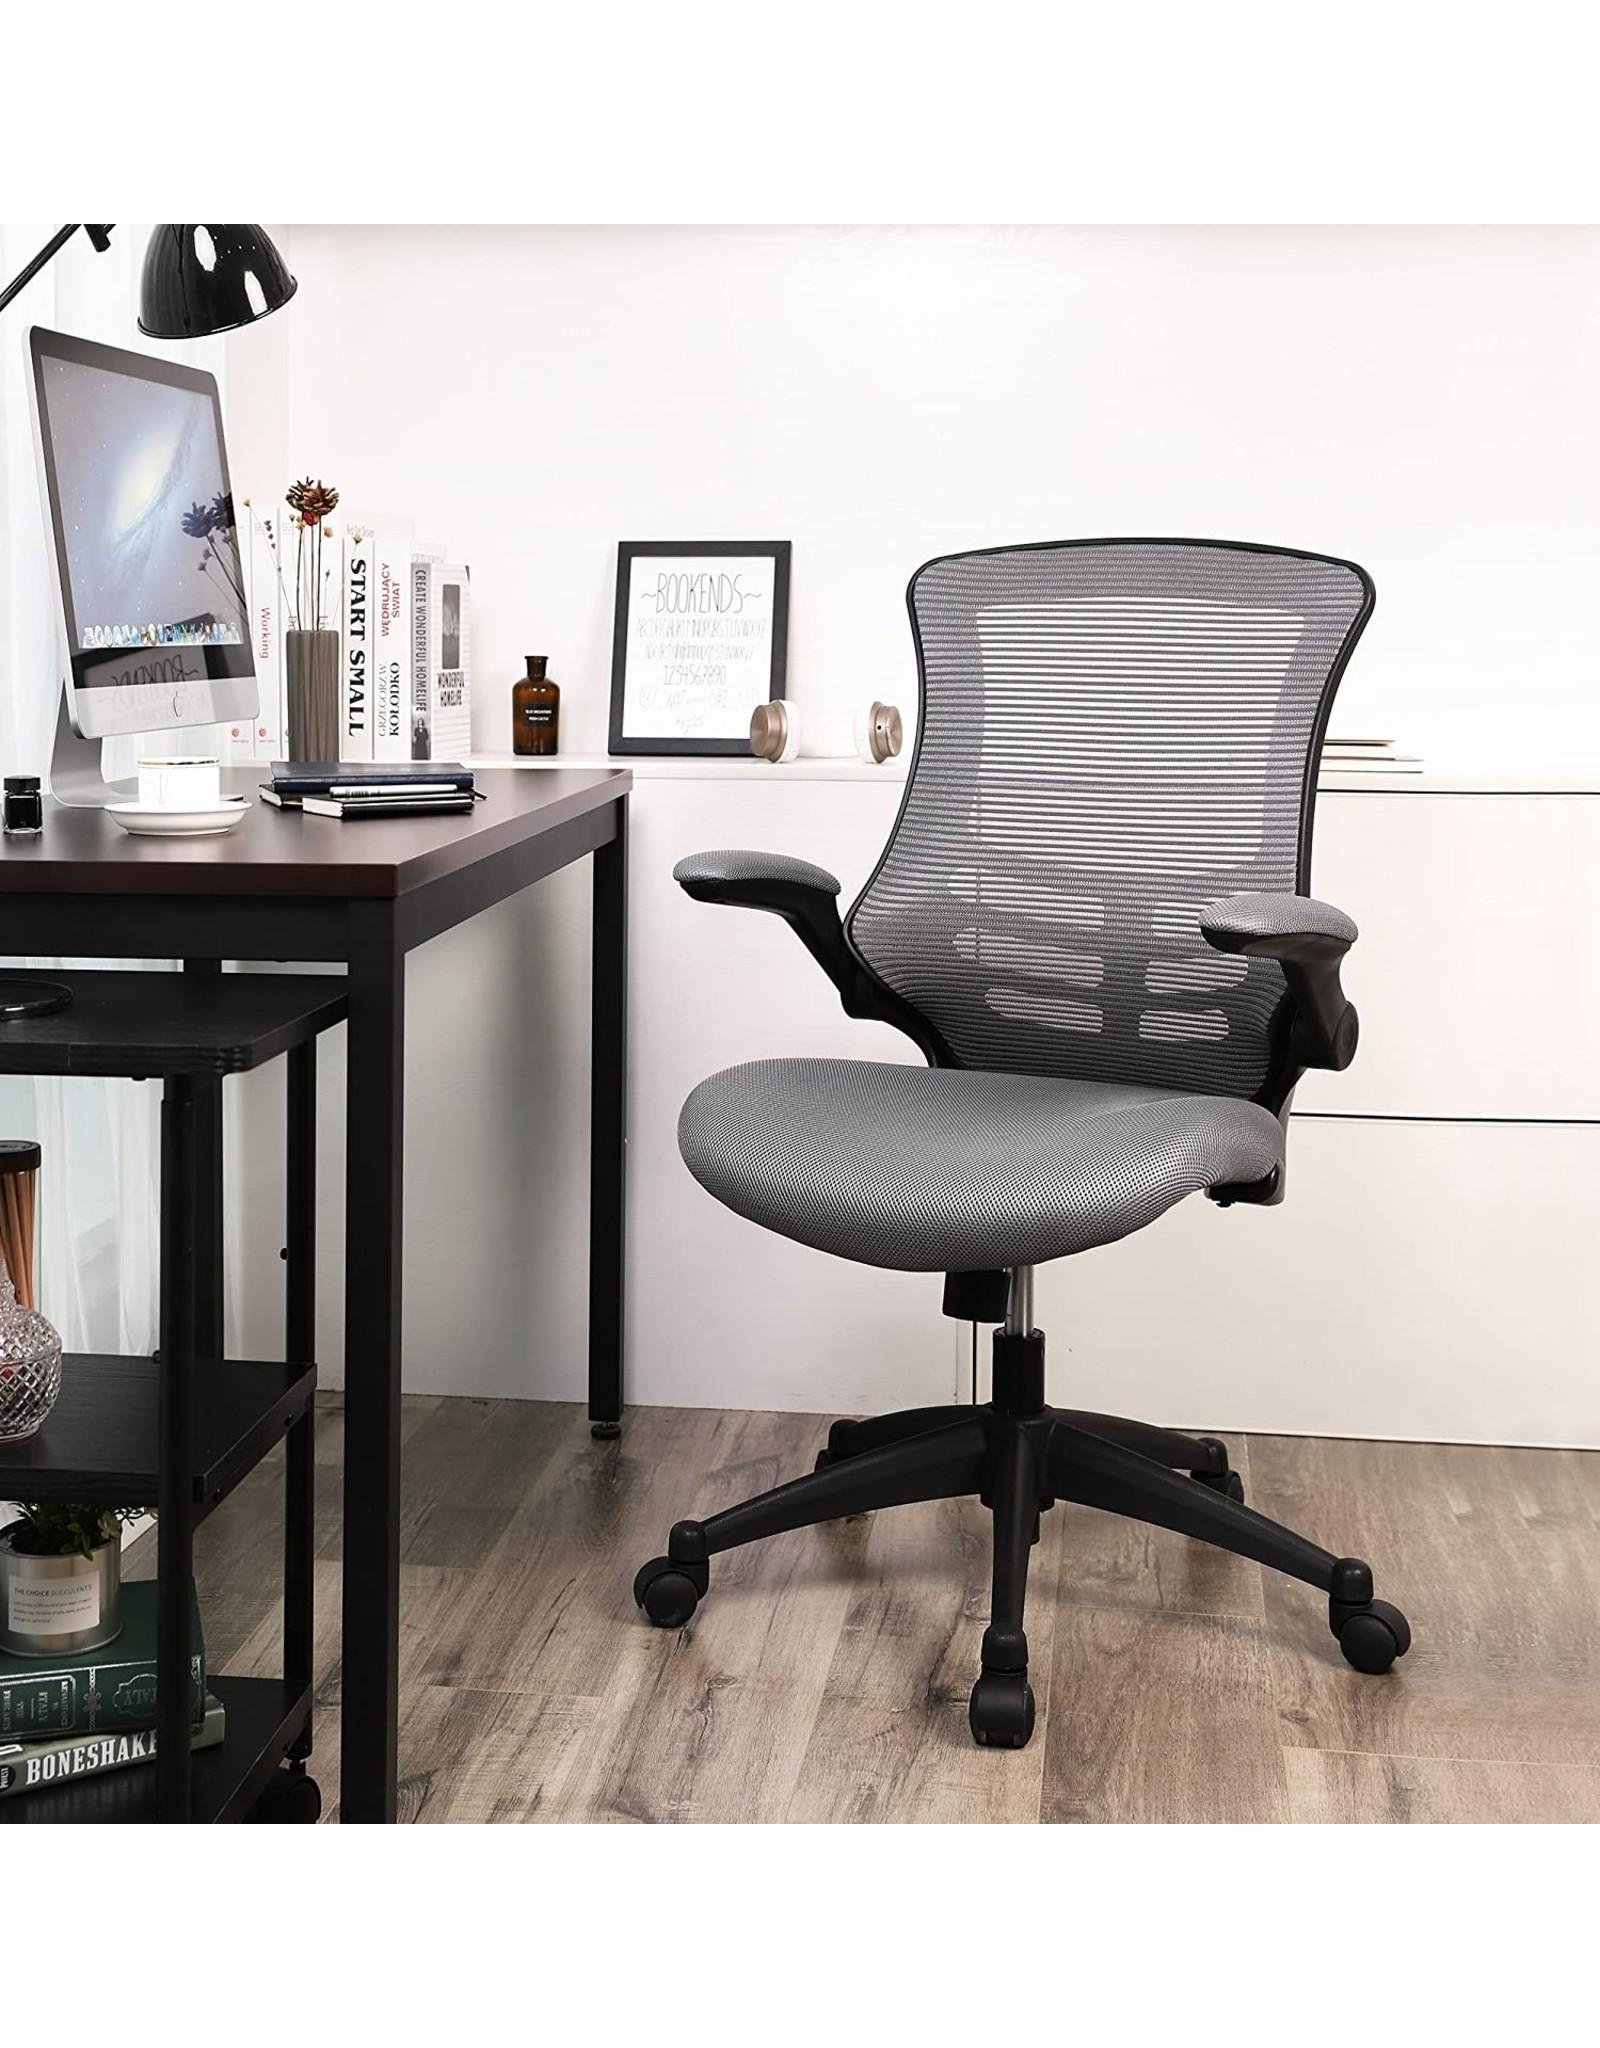 Parya Home Parya Home - Bureaustoel met Opvouwbare Armsteun